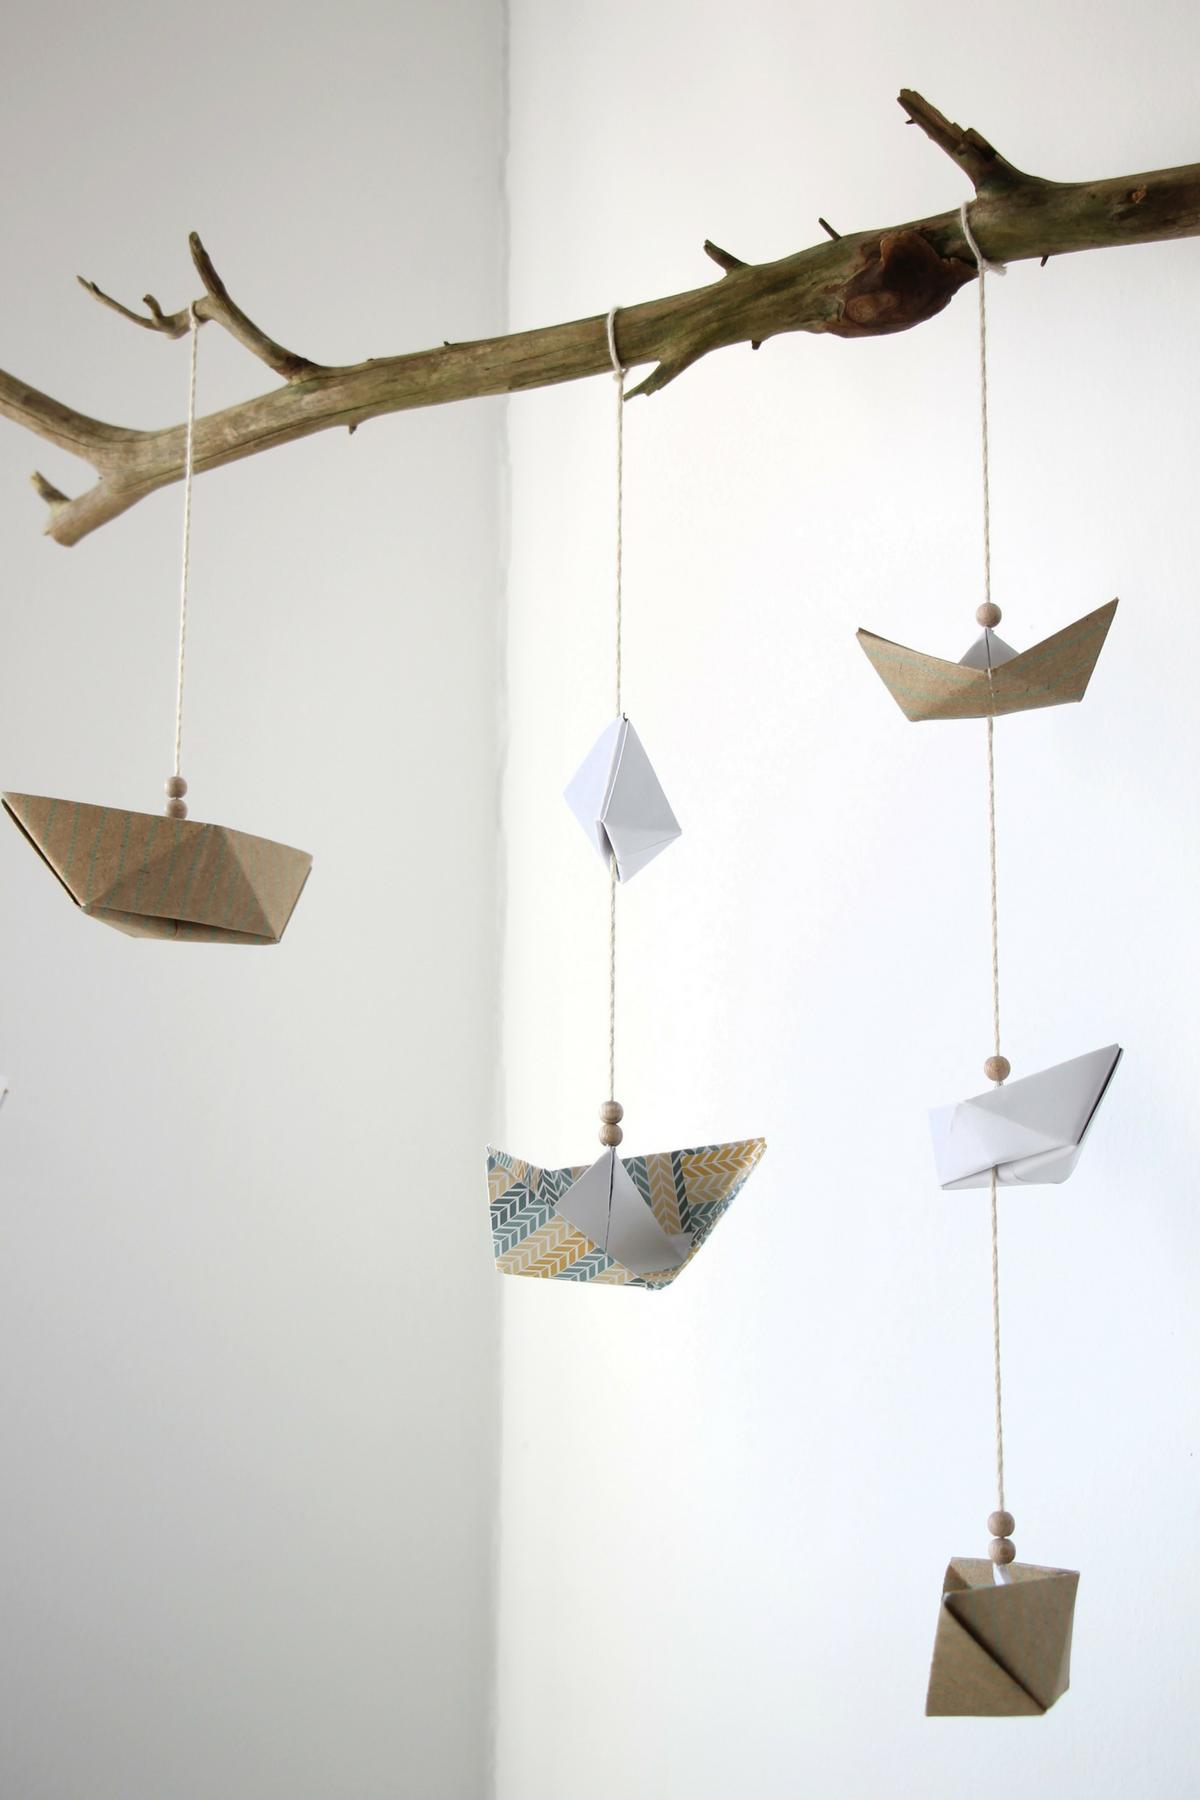 Faszinierend Baby Mobile Selber Basteln Anleitung Sammlung Von Papierschiffchen Machen: Das Mit Papierschiffchen Ist Simpel